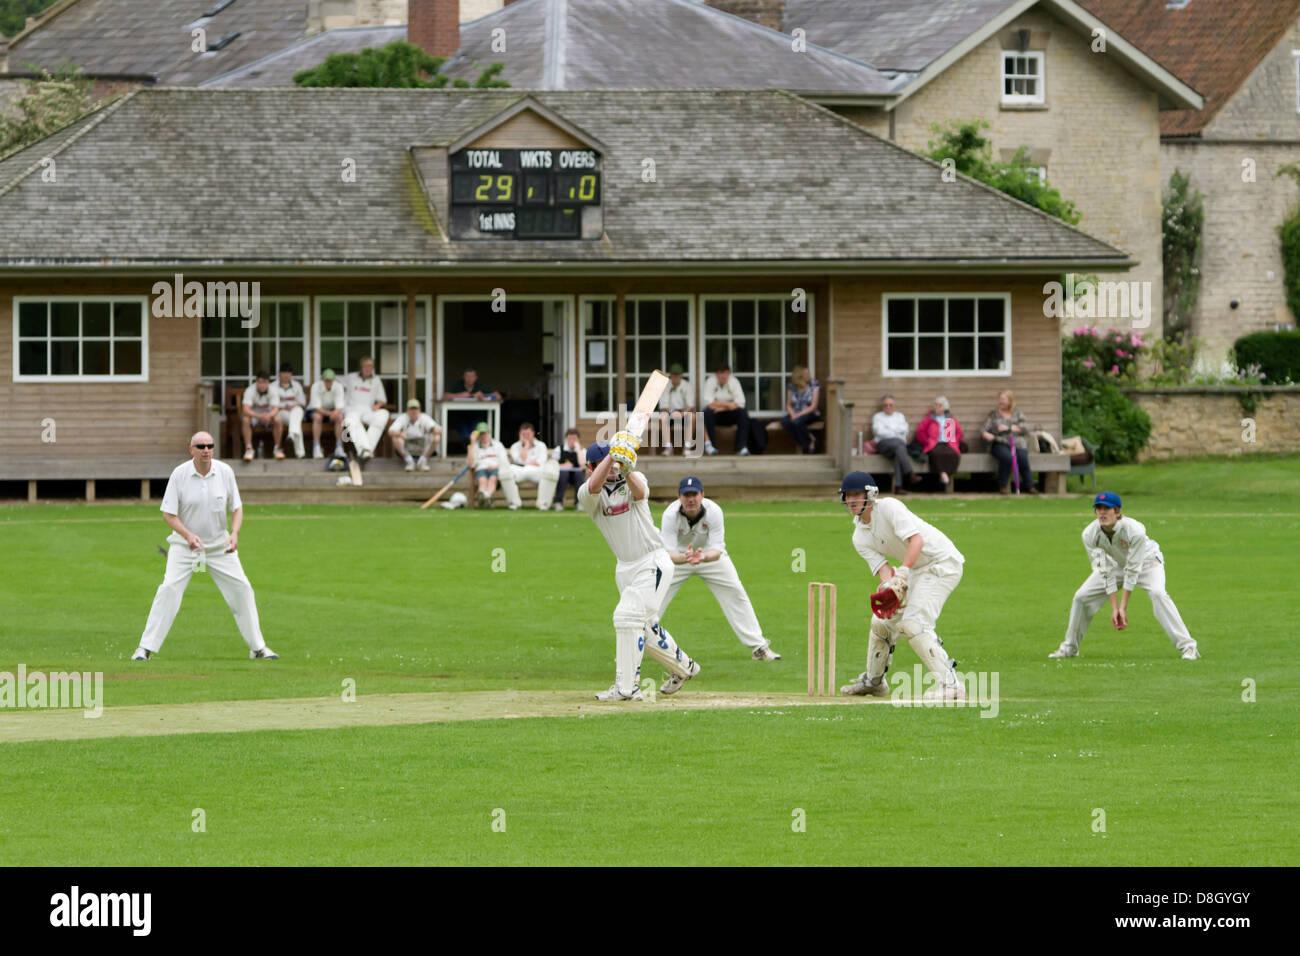 Match de Cricket Hovingham, Yorkshire du nord Photo Stock